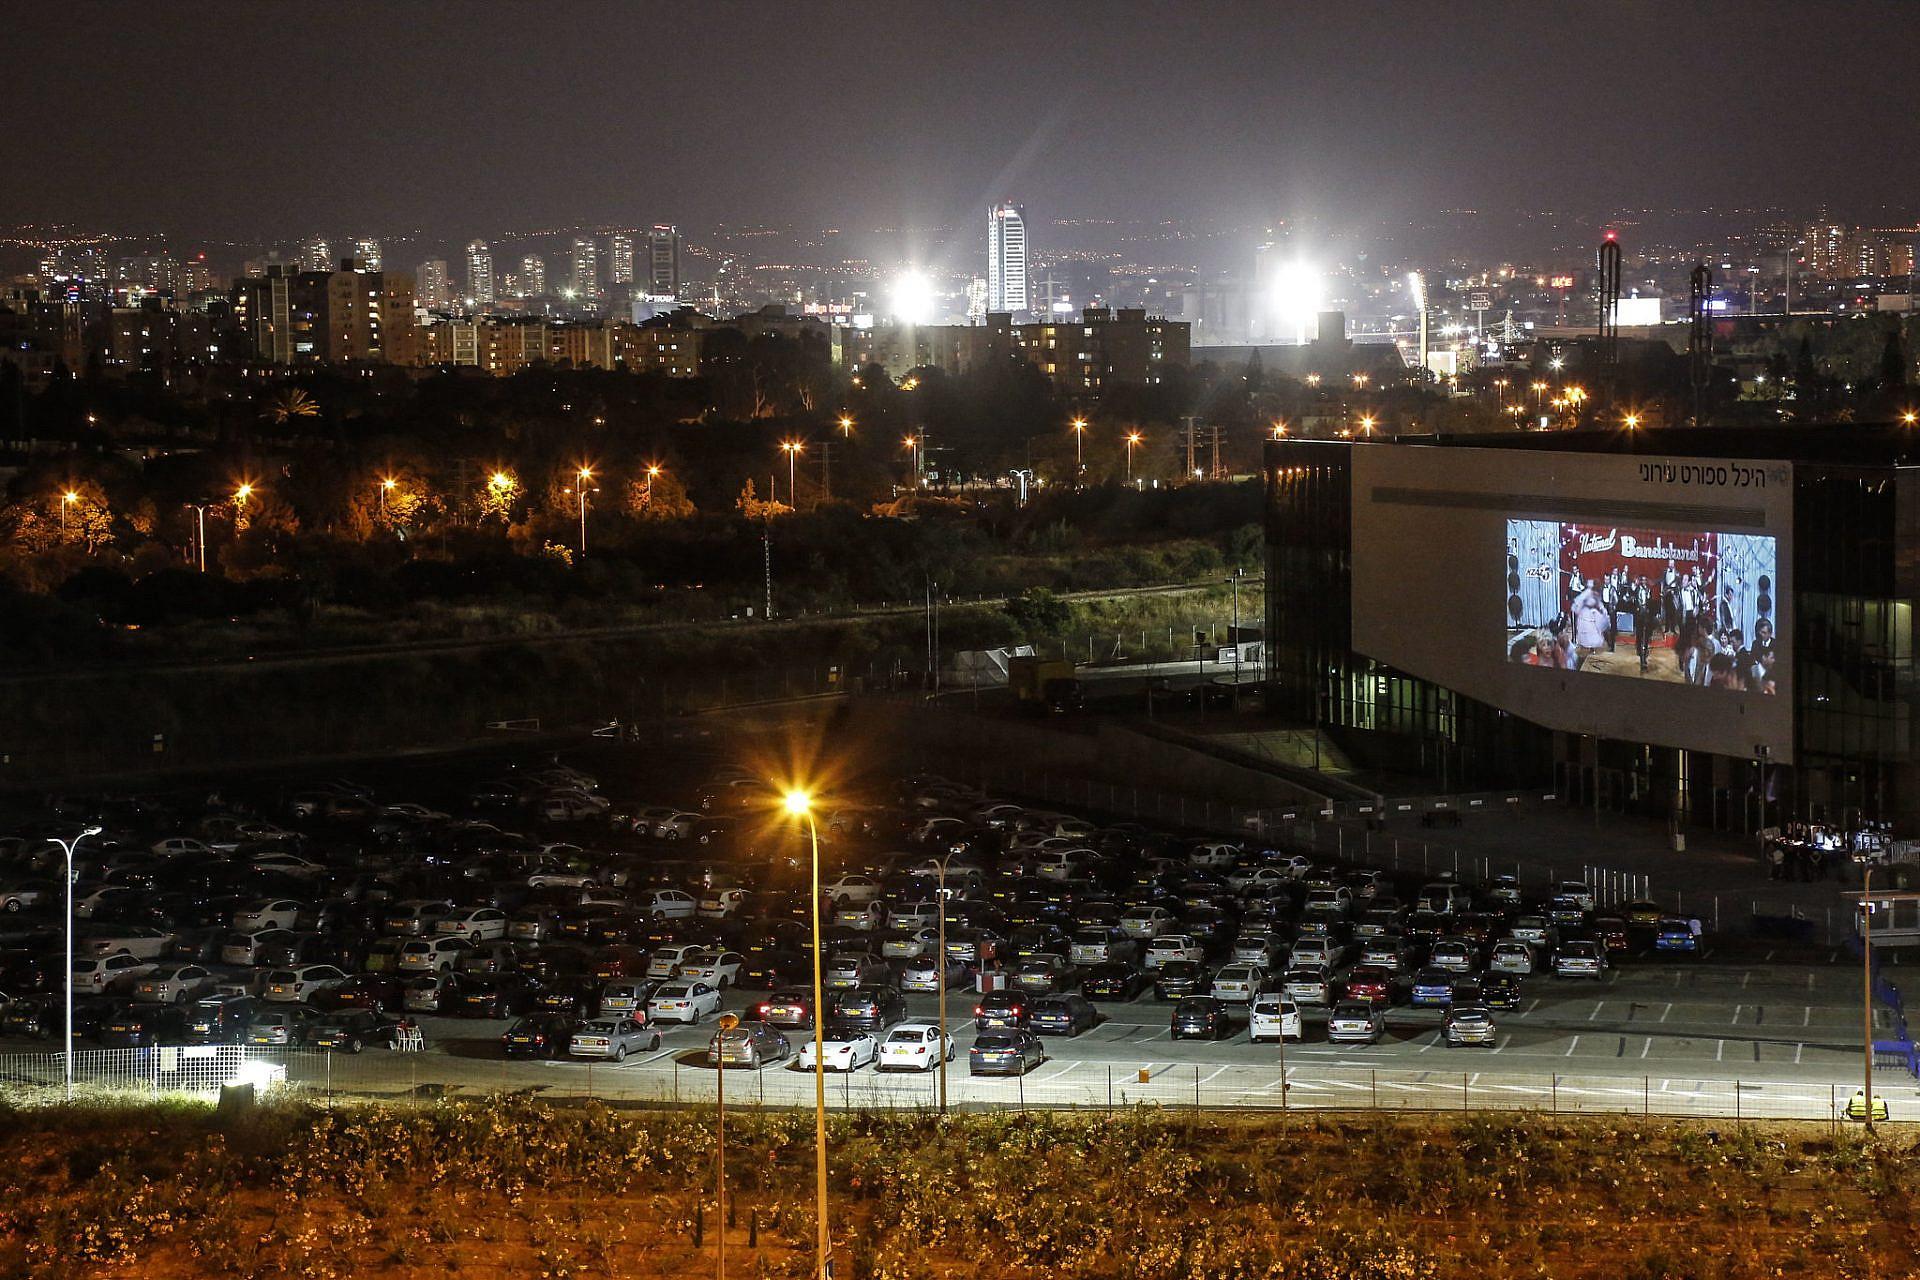 הנה למשל דבר שהוא מאוד כיף: קולנוע. מתחם הדרייב אין (צילום: גיא יחיאלי)